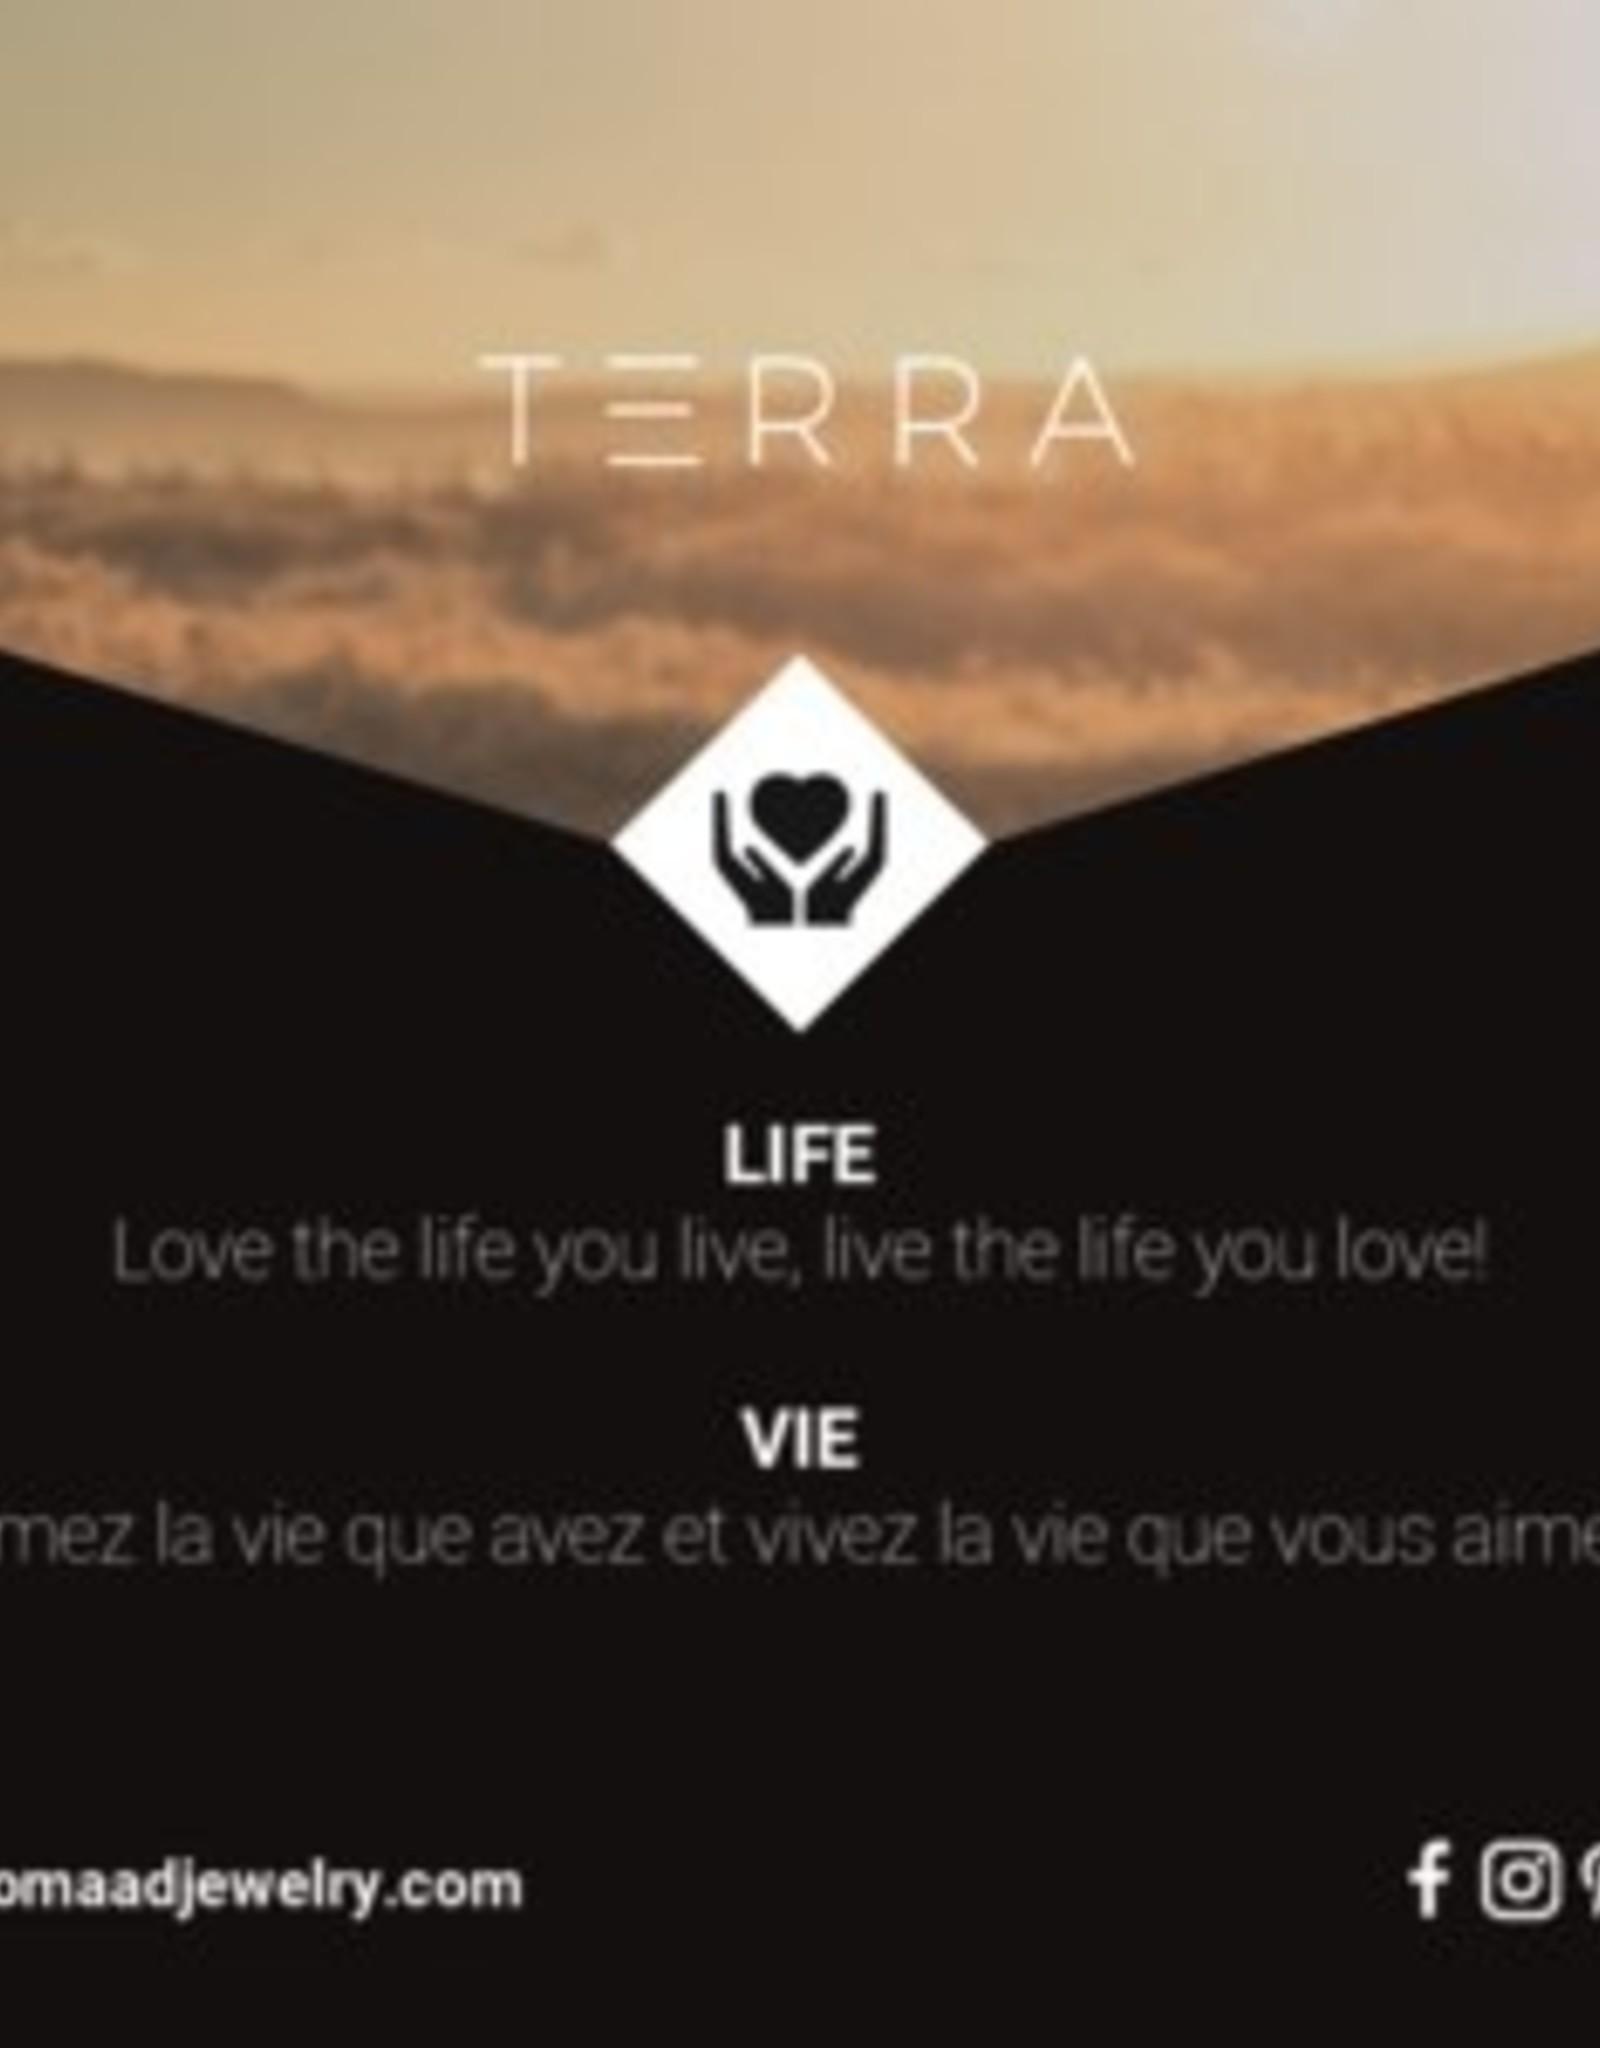 Terra Bracelet - La vie